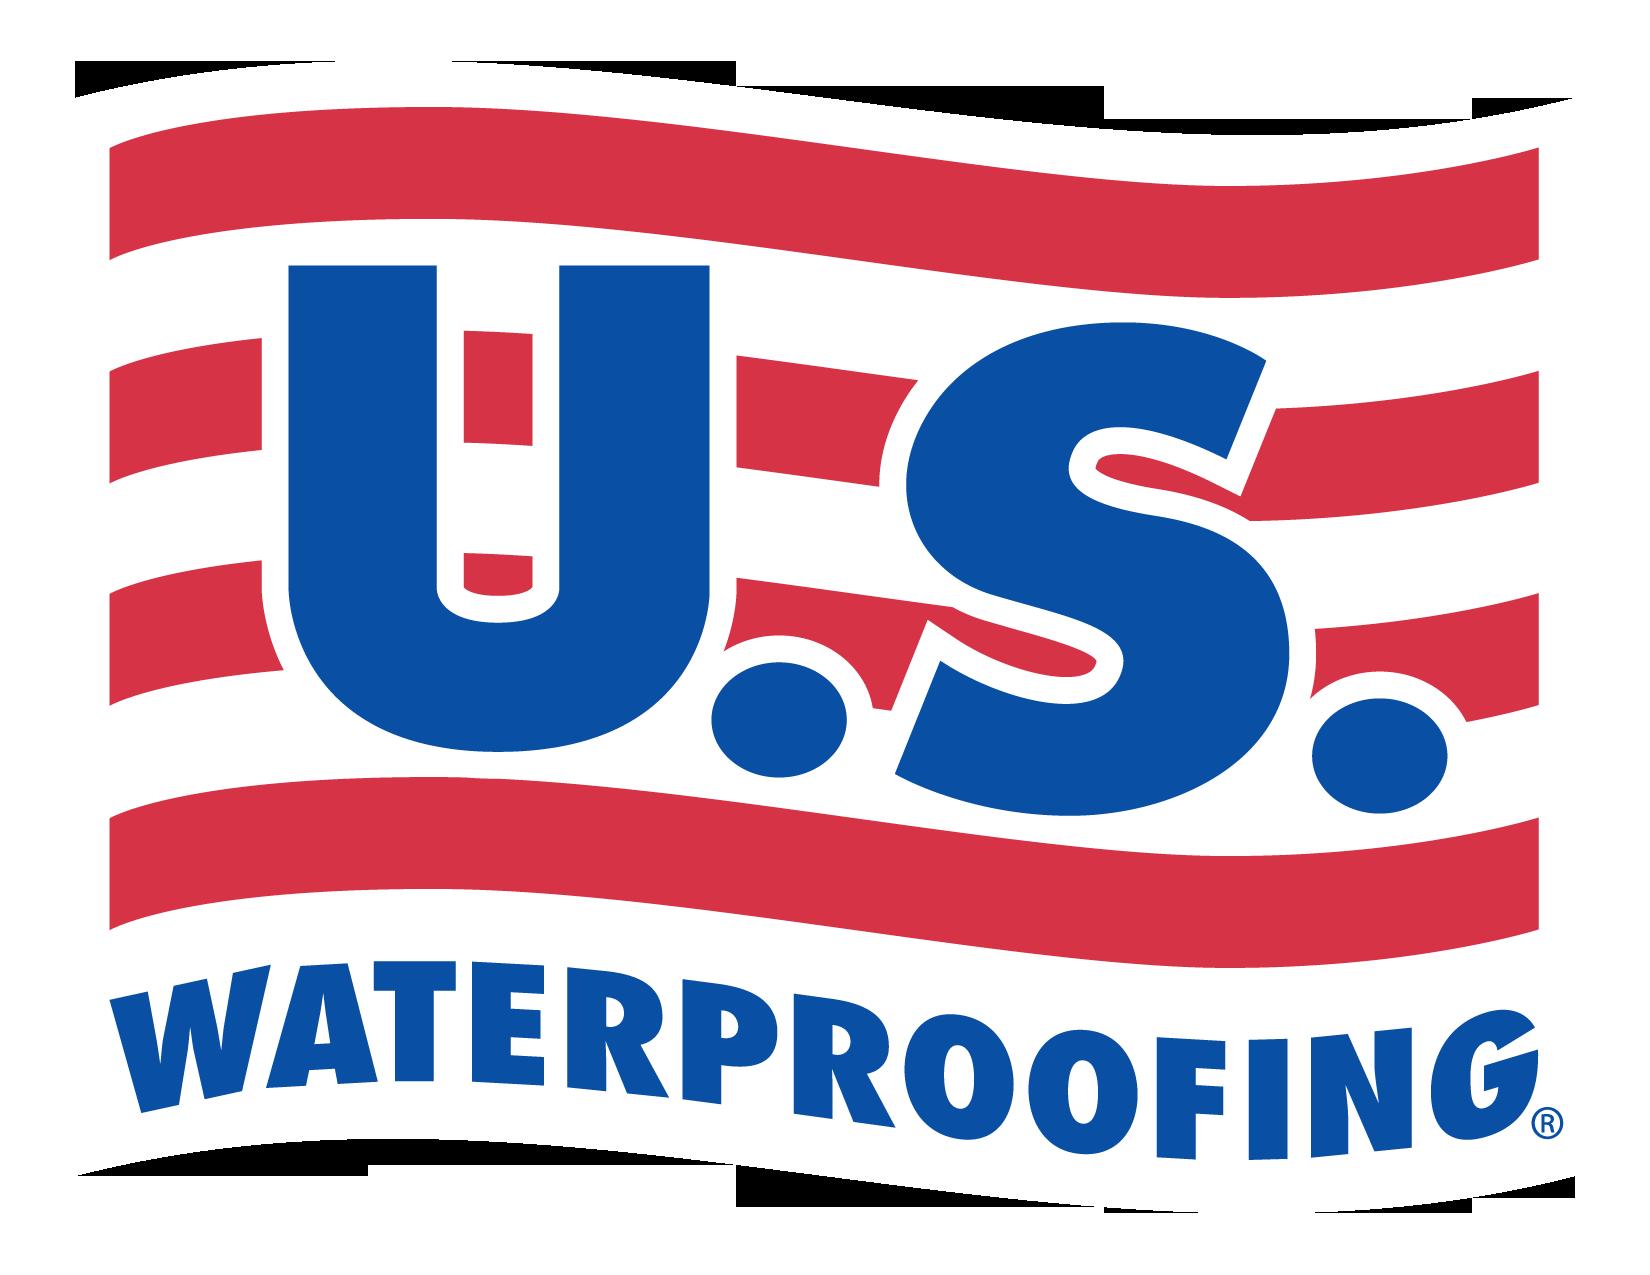 Weight clipart uneven. Basement waterproofing keep as